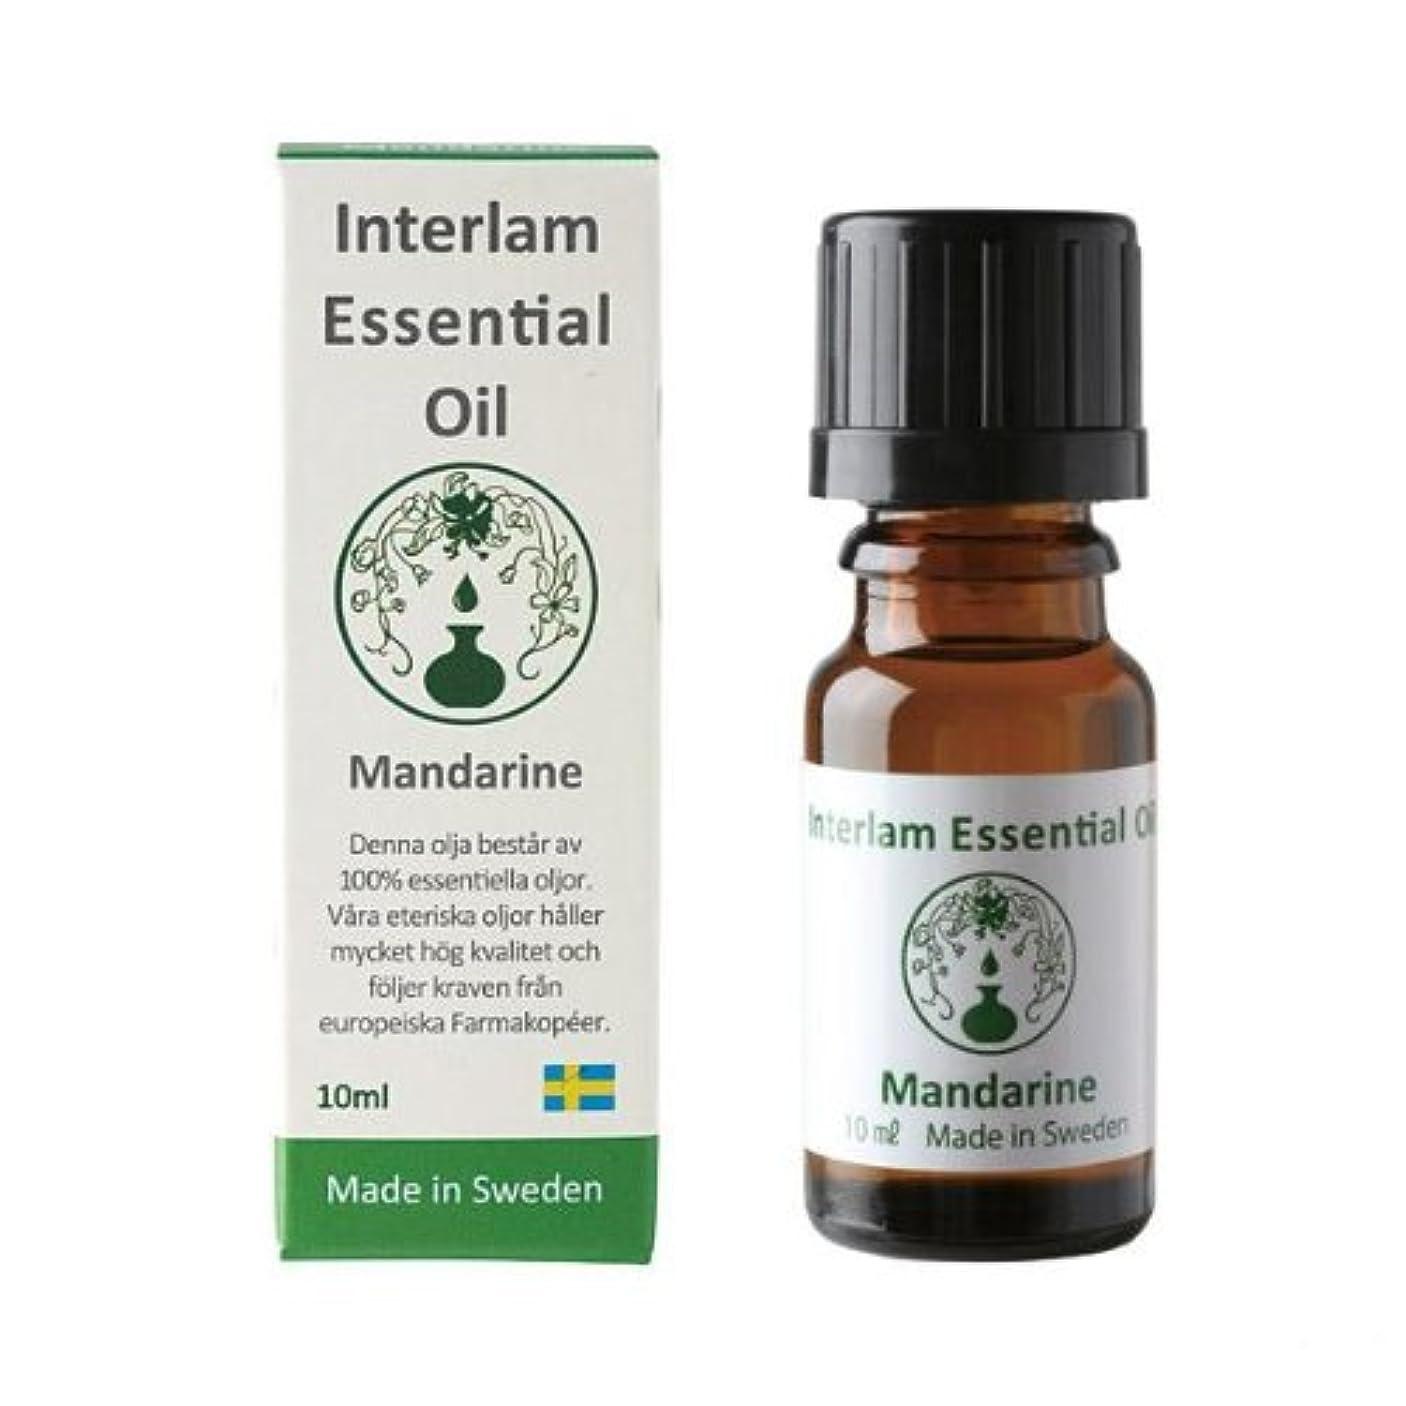 電池無効にする難民Interlam Essential Oil マンダリン 10ml